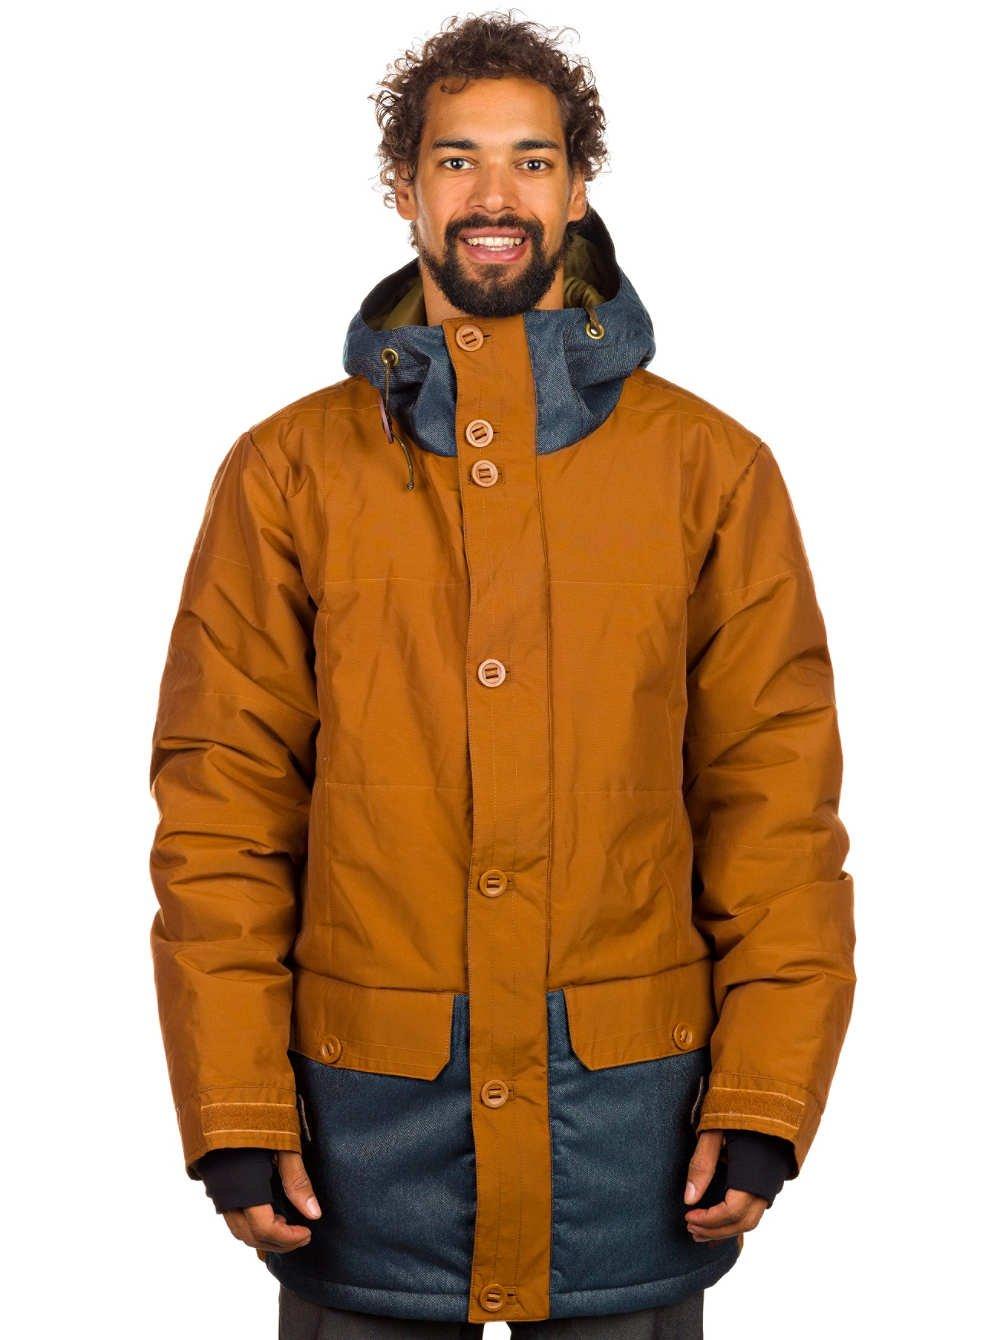 Burton Herren Snowboardjacke MB Nomad Down Jacket günstig online kaufen